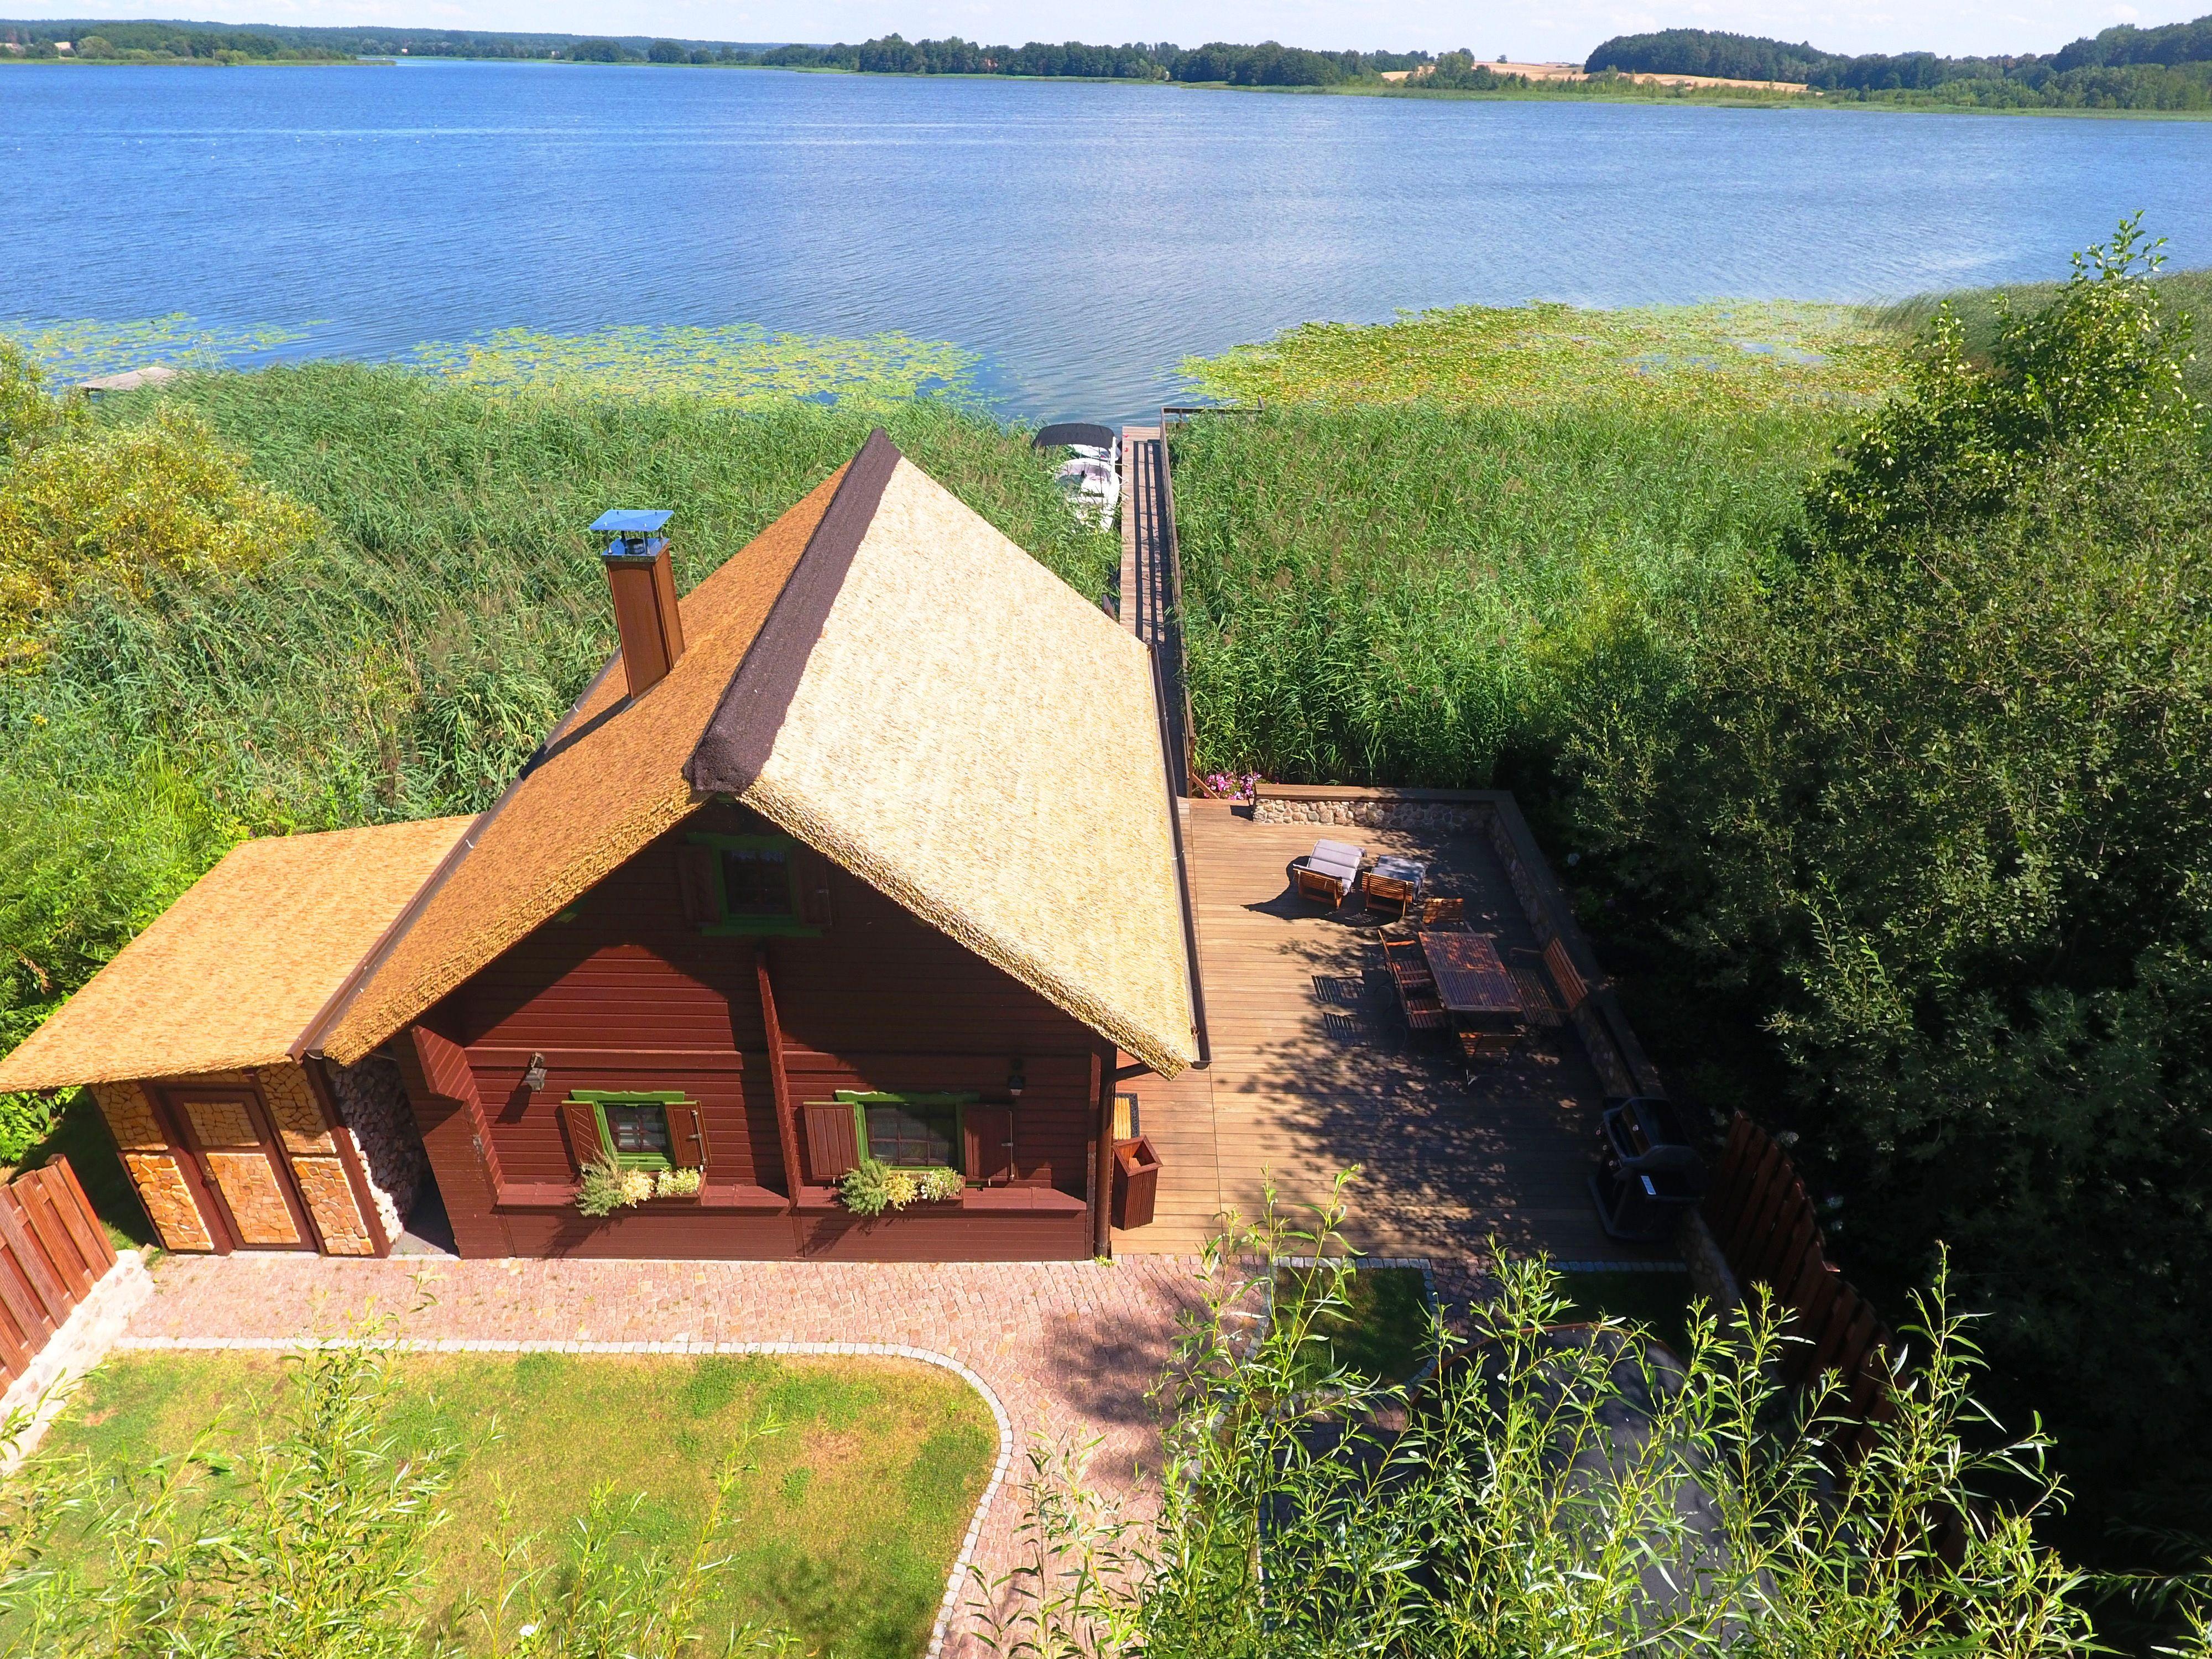 Haus am See Ferien, Ferienhaus am see und Ferienhaus am